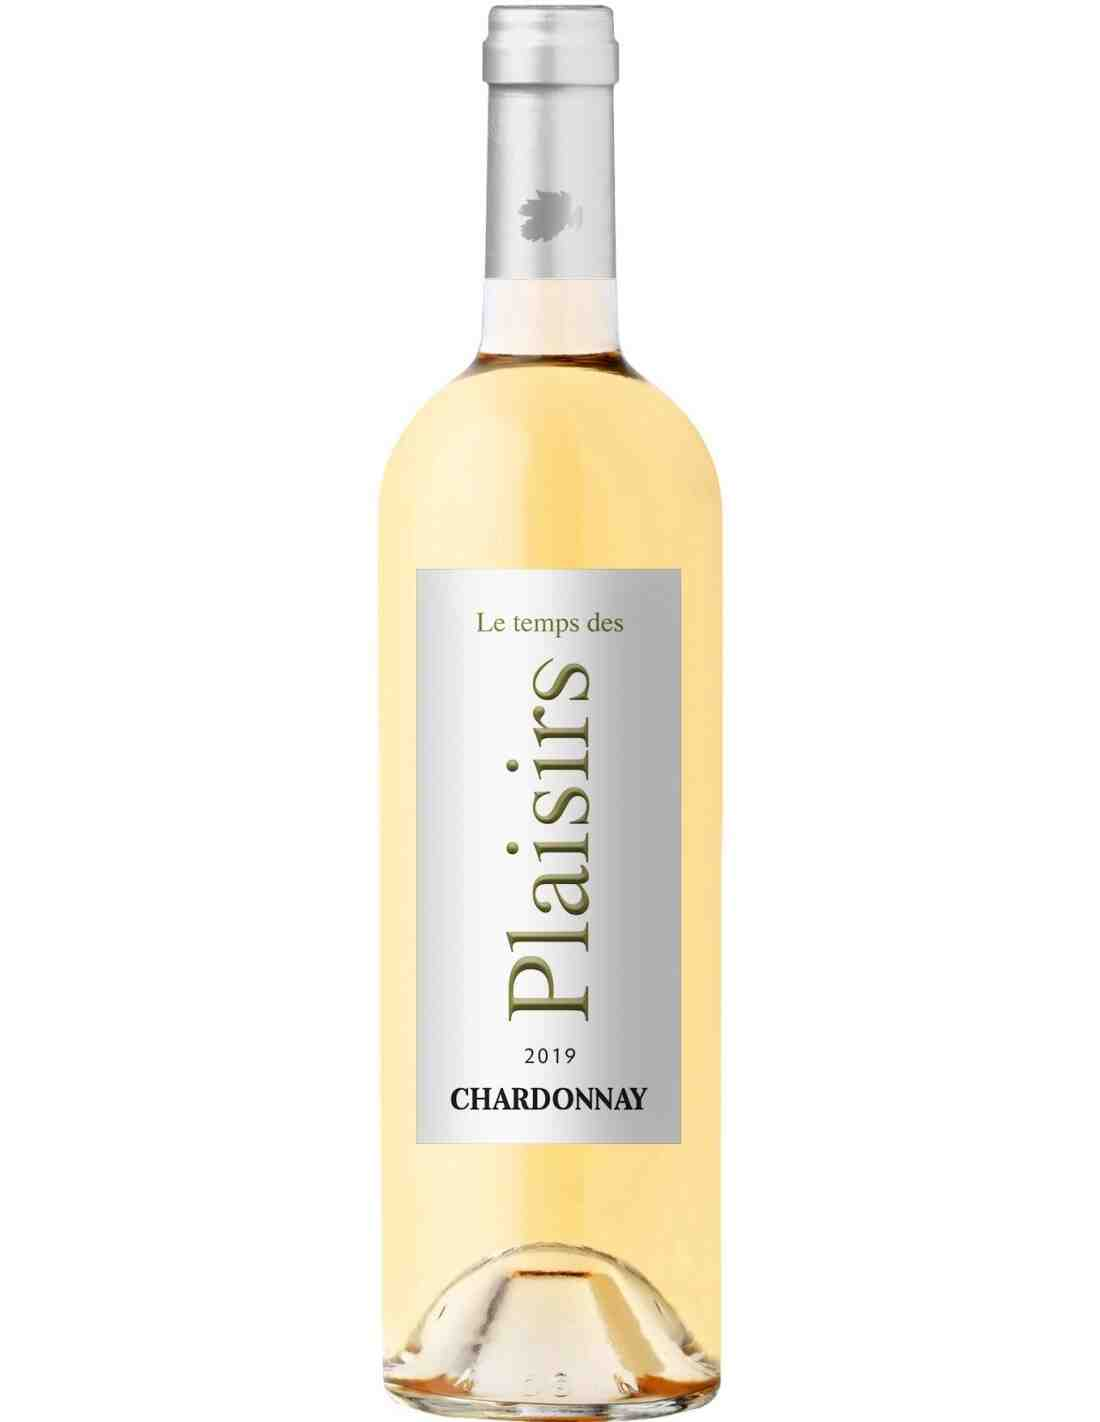 Quel vin est comme le chardonnay?